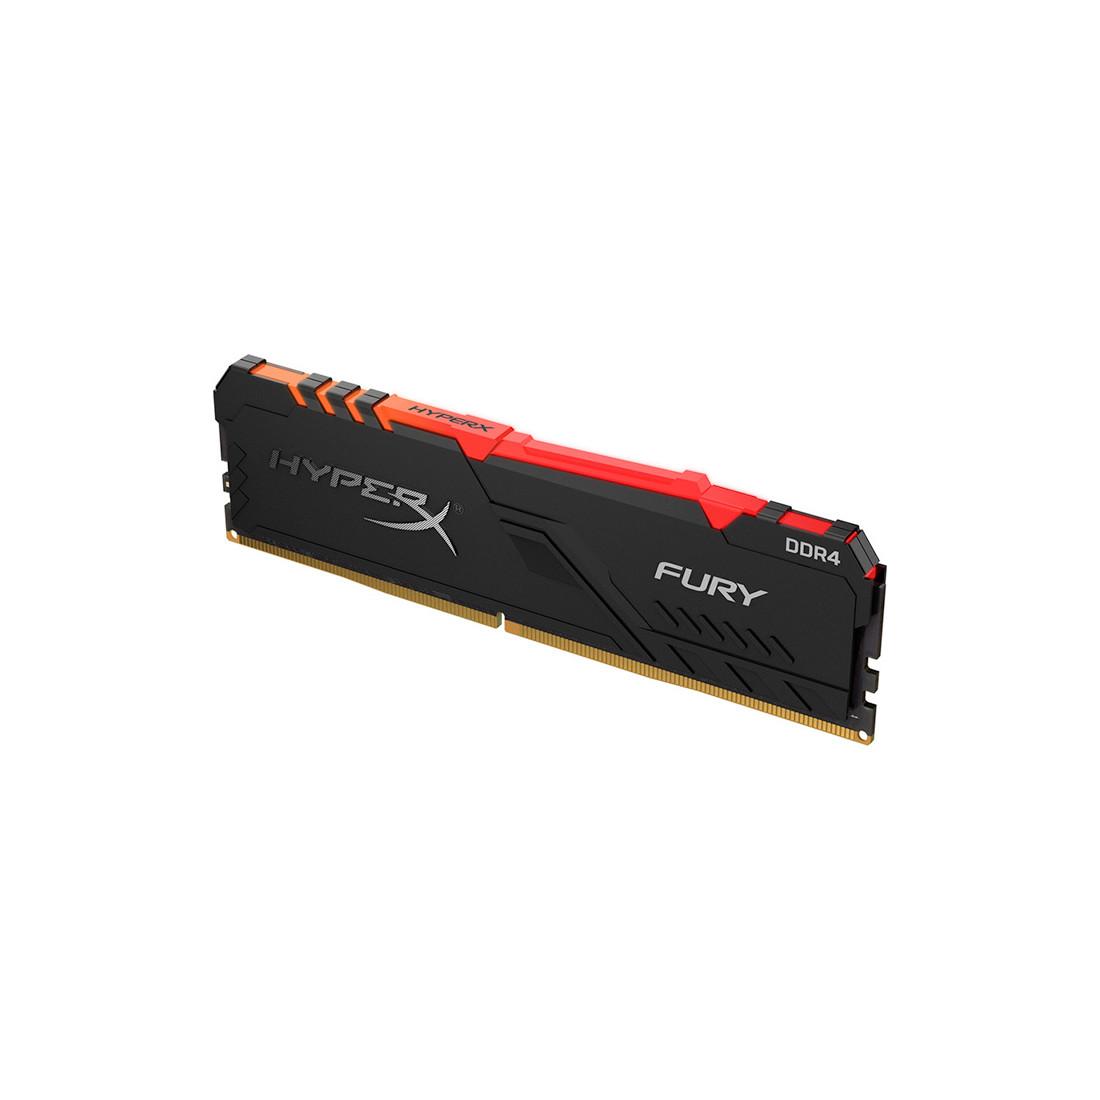 Модуль памяти Kingston HyperX Fury RGB HX434C16FB3A/16 DDR4 16G 3466MHz